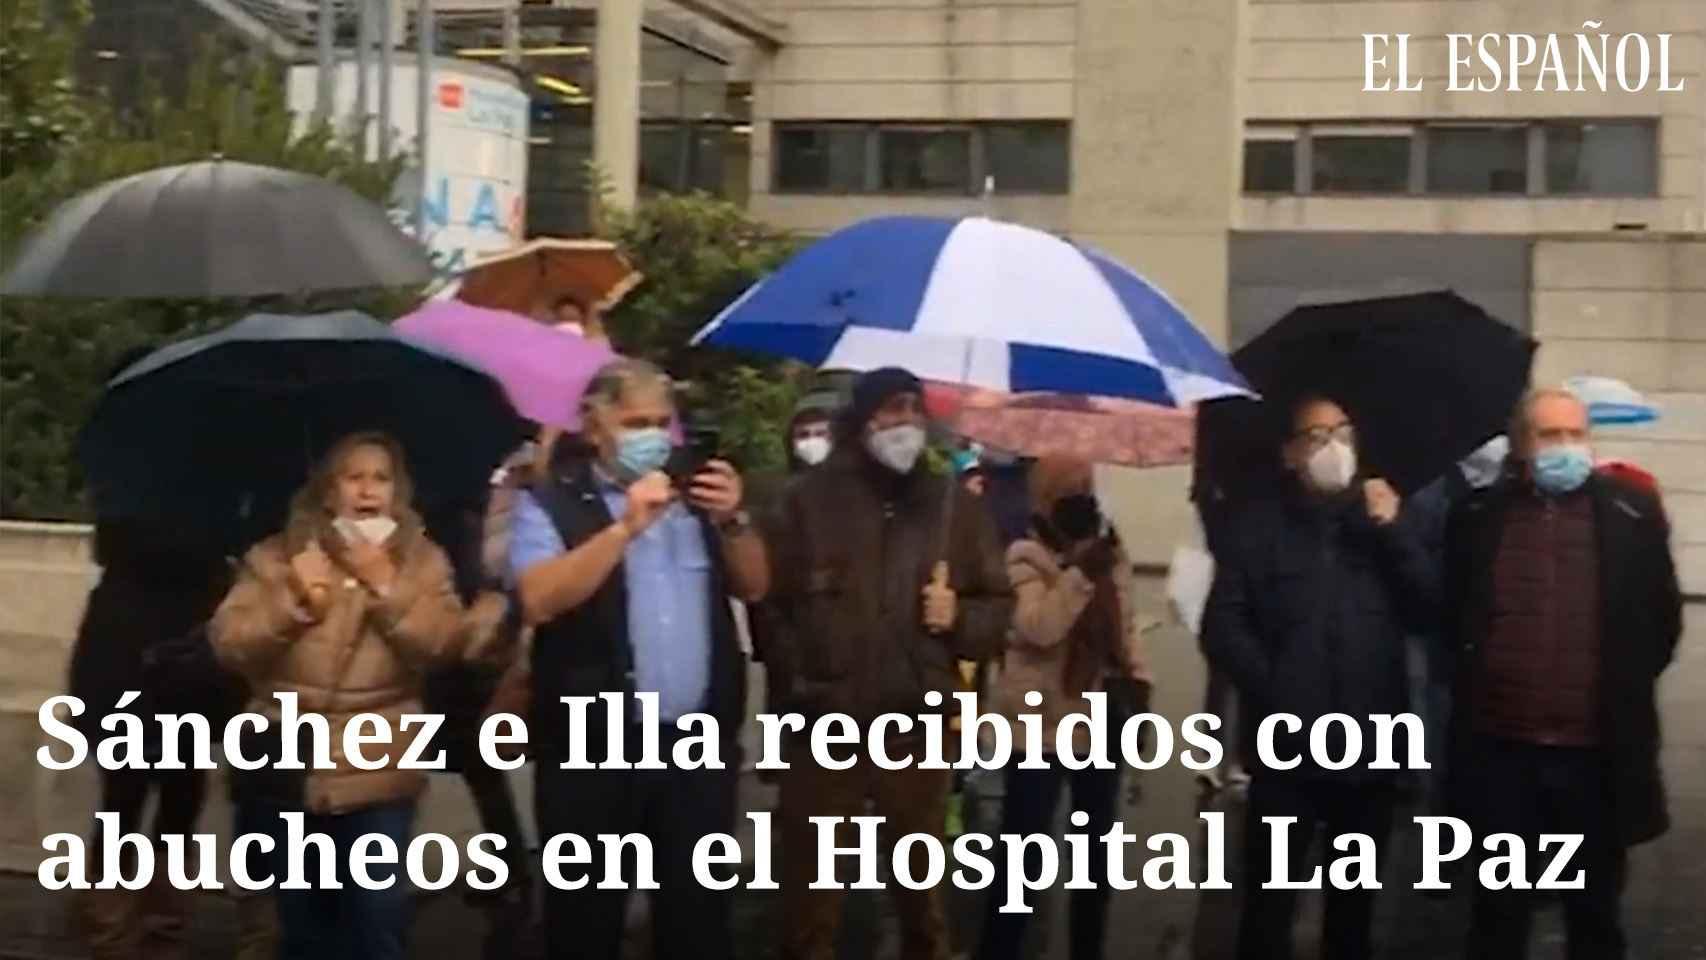 Sánchez e Illa recibidos con abucheos en el Hospital La Paz